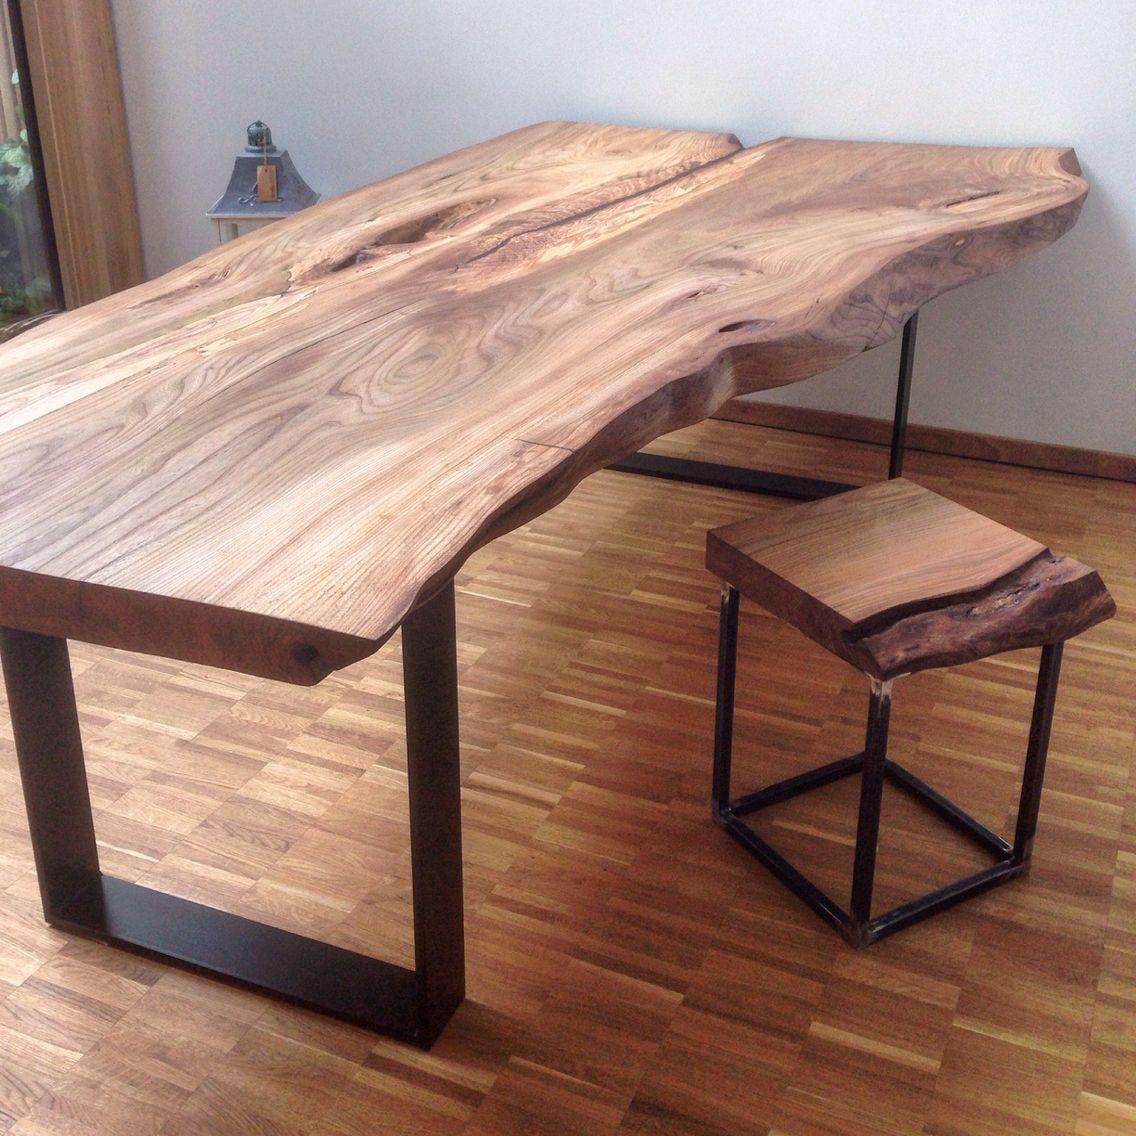 massivholztisch / baumtisch / massivholzplatte / esstisch